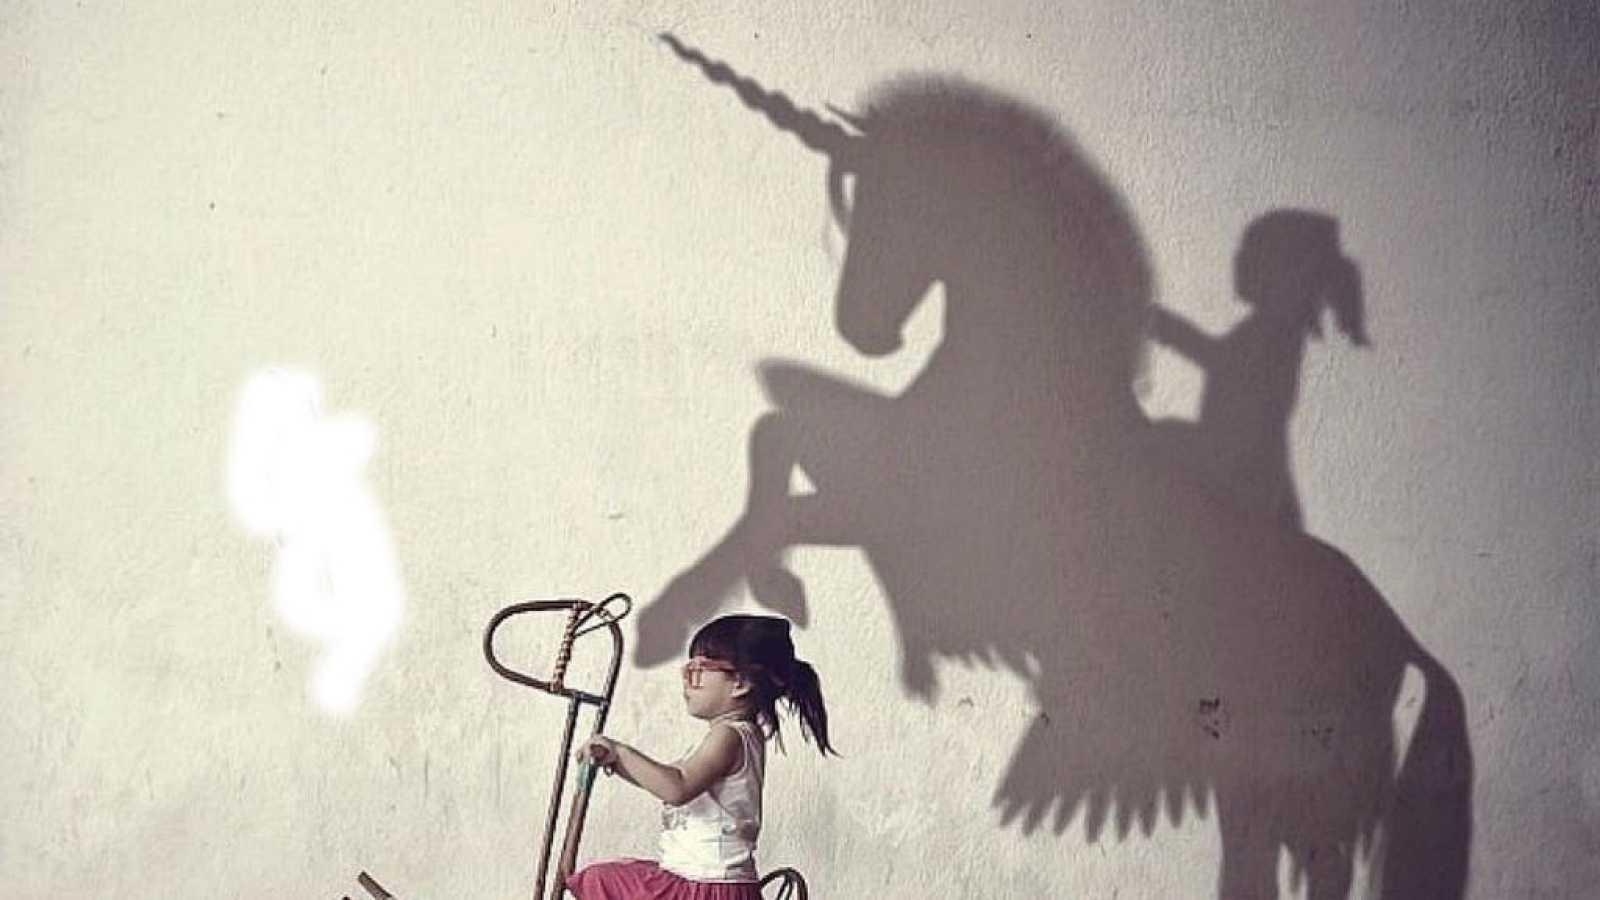 Venga la radio - En la imaginación - 29/03/20 - escuchar ahora